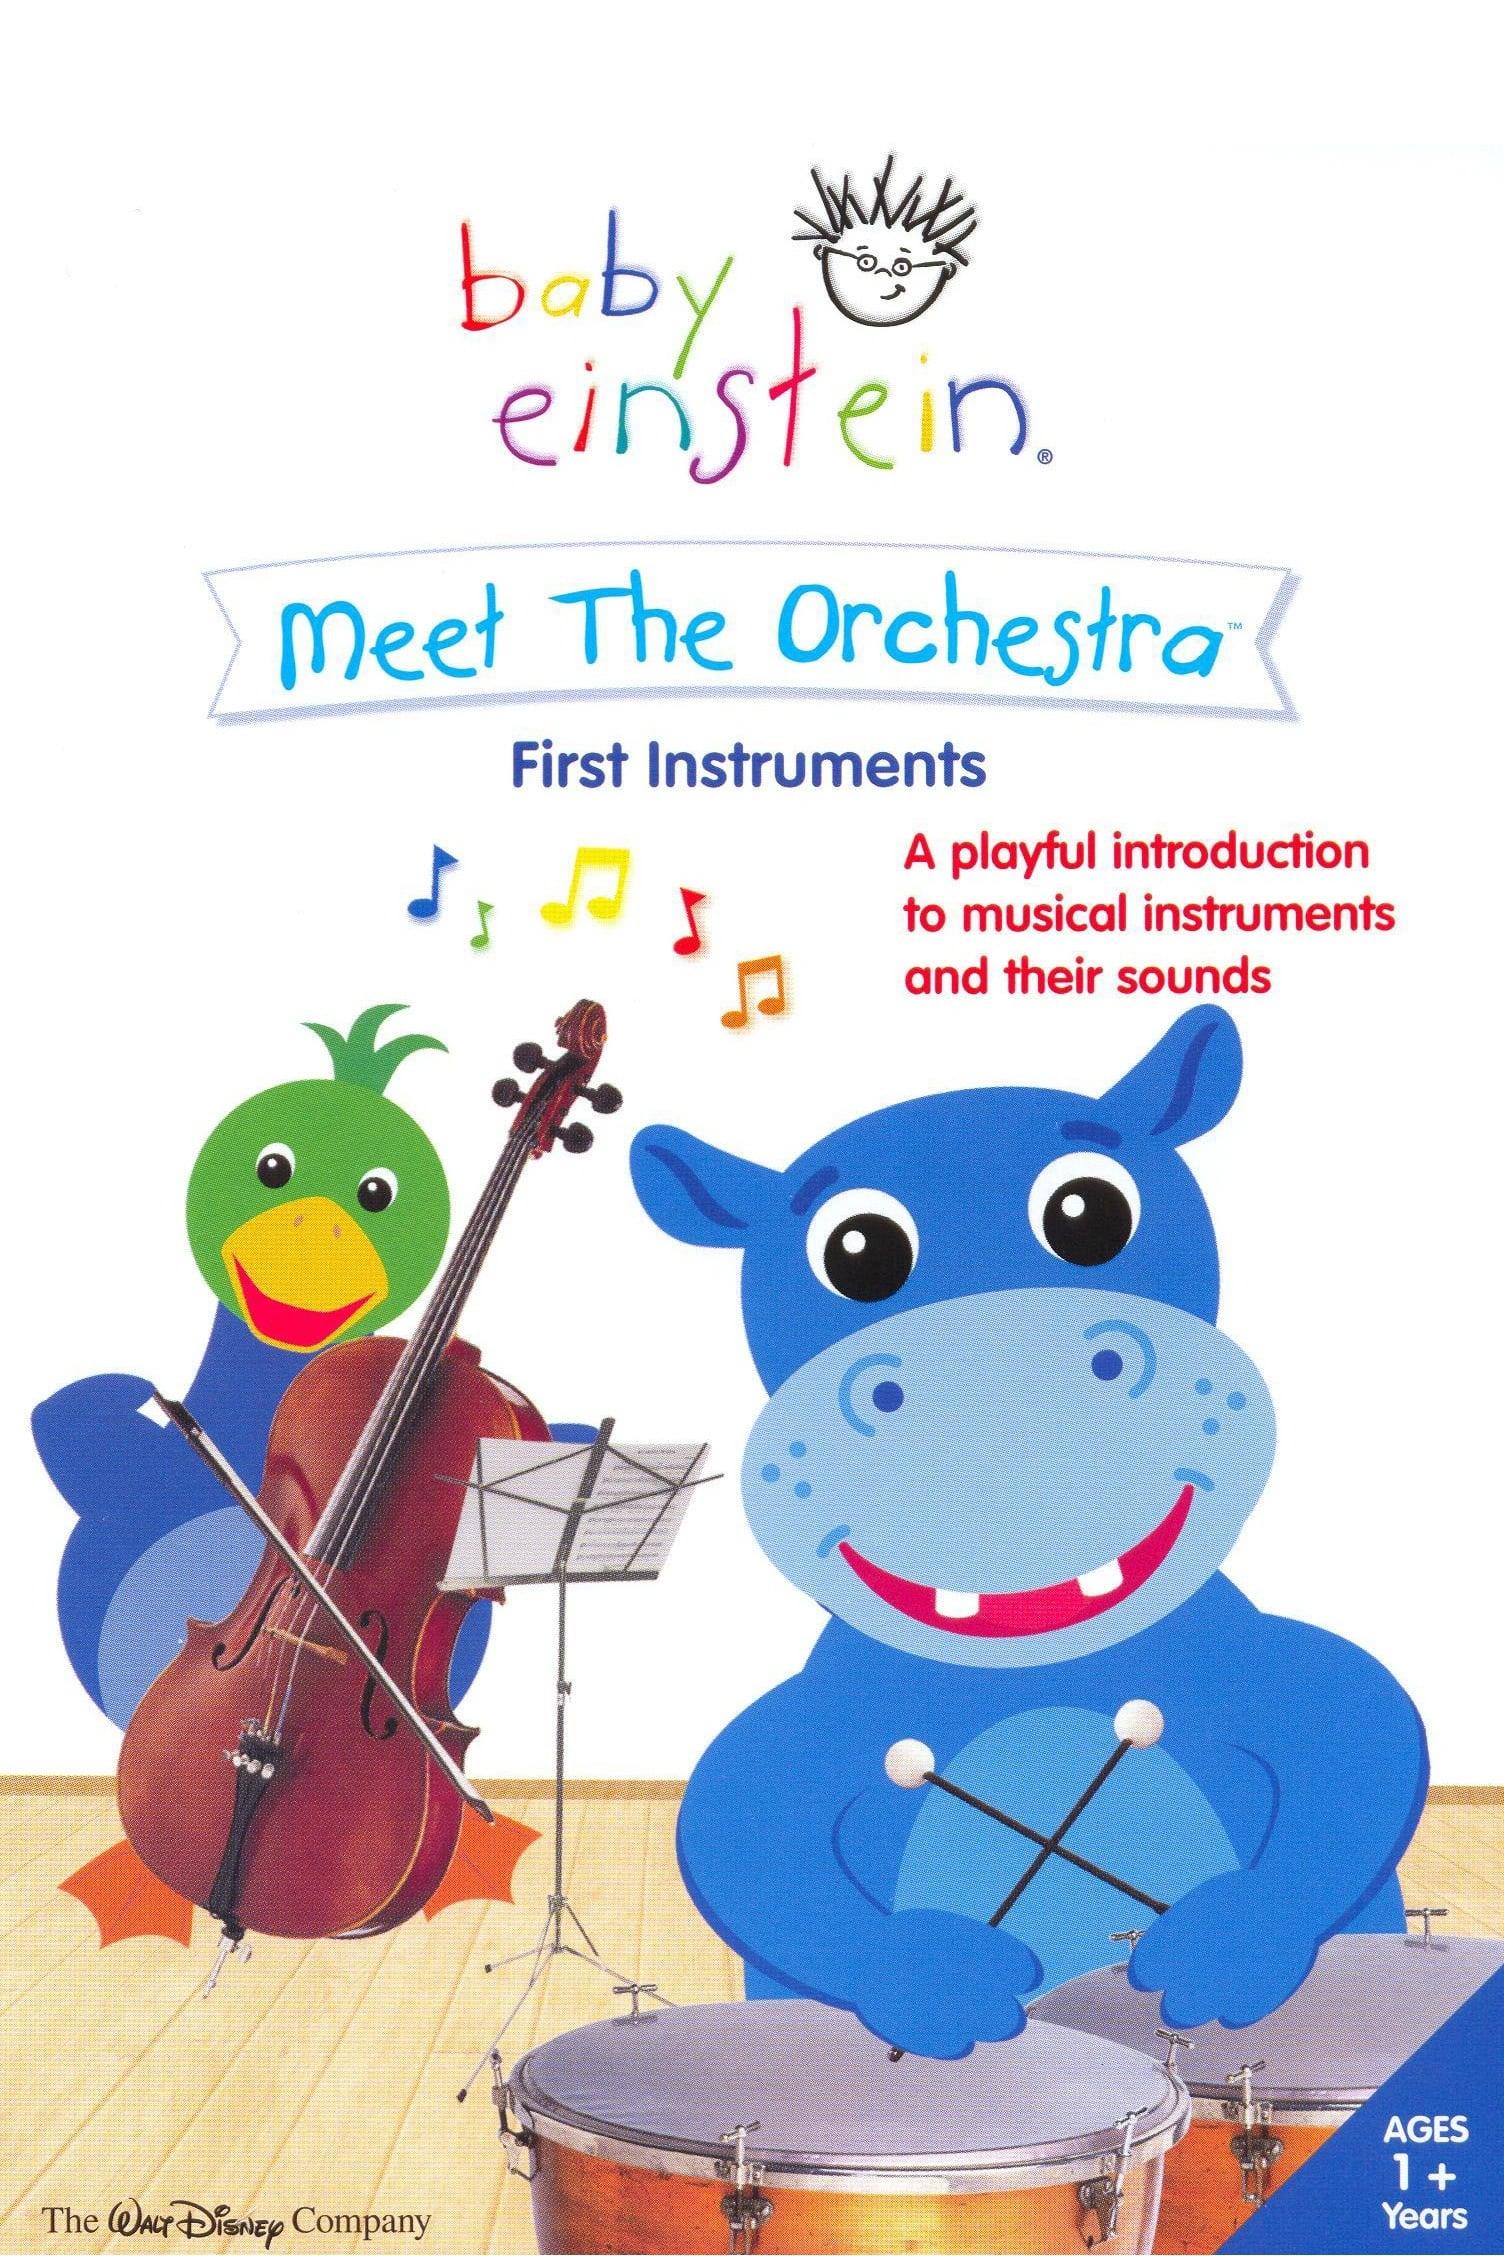 Baby Einstein: Meet The Orchestra - First Instruments (2006)